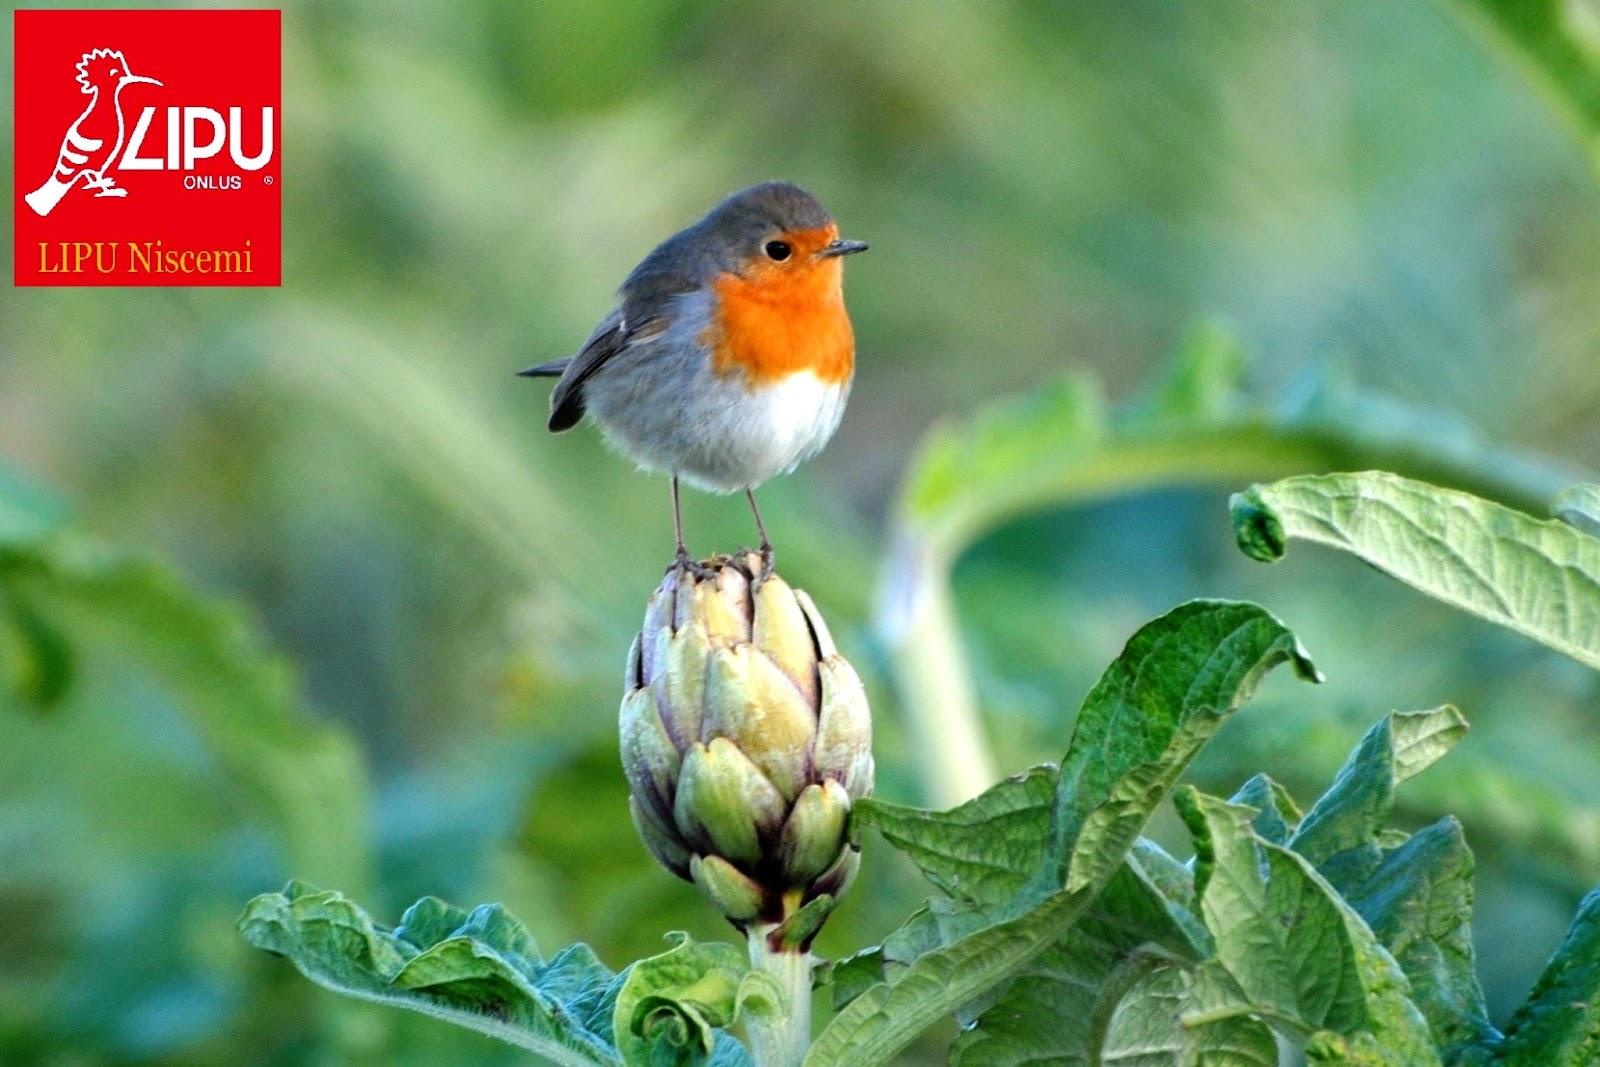 Lipu niscemi gennaio 2013 - Primavera uccelli primavera colorazione pagine ...